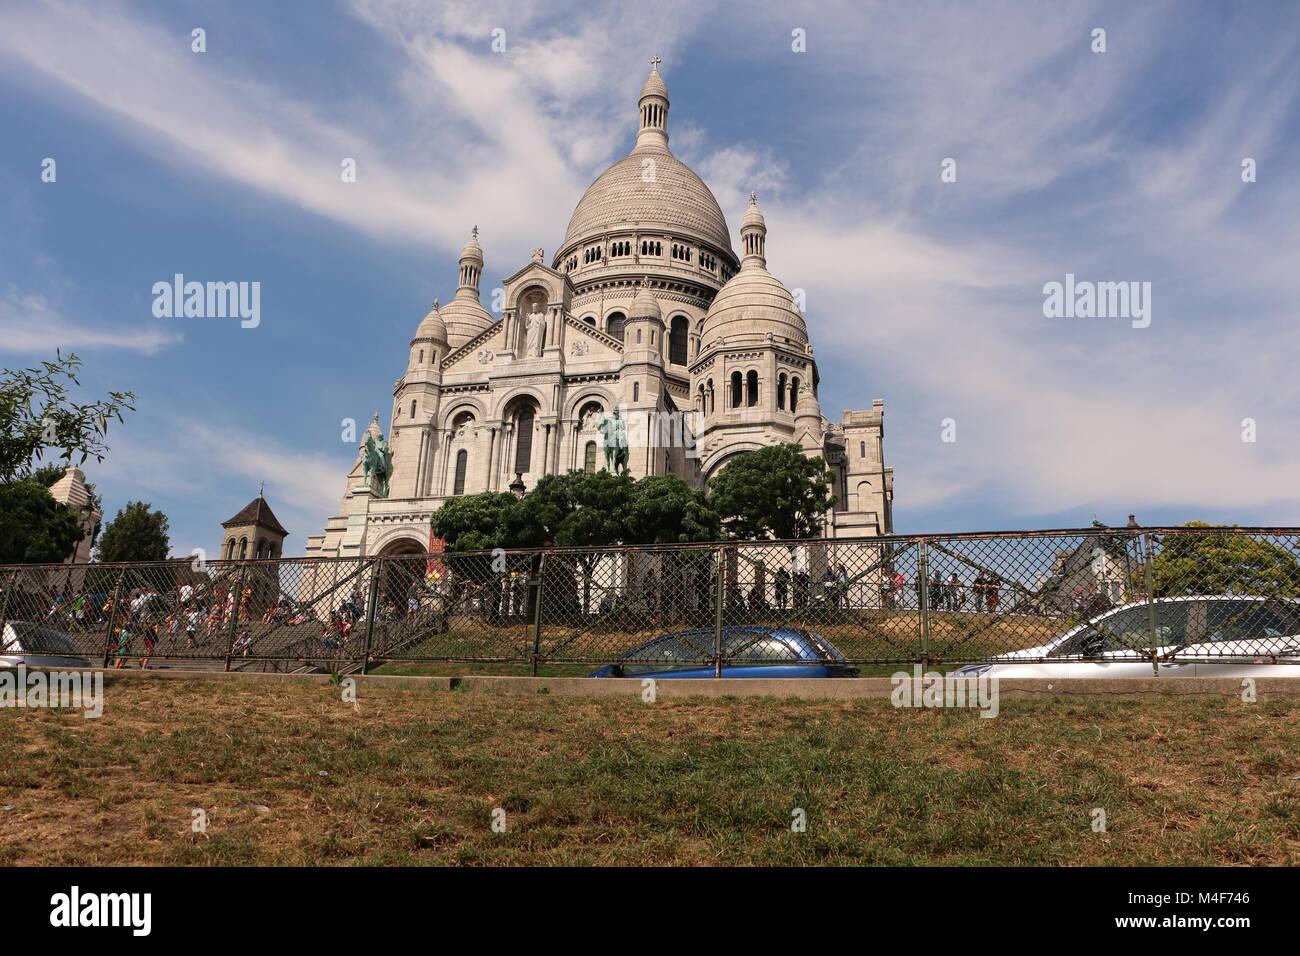 Basilique du Sacre Coeur in Montmartre, Paris, France - Stock Image